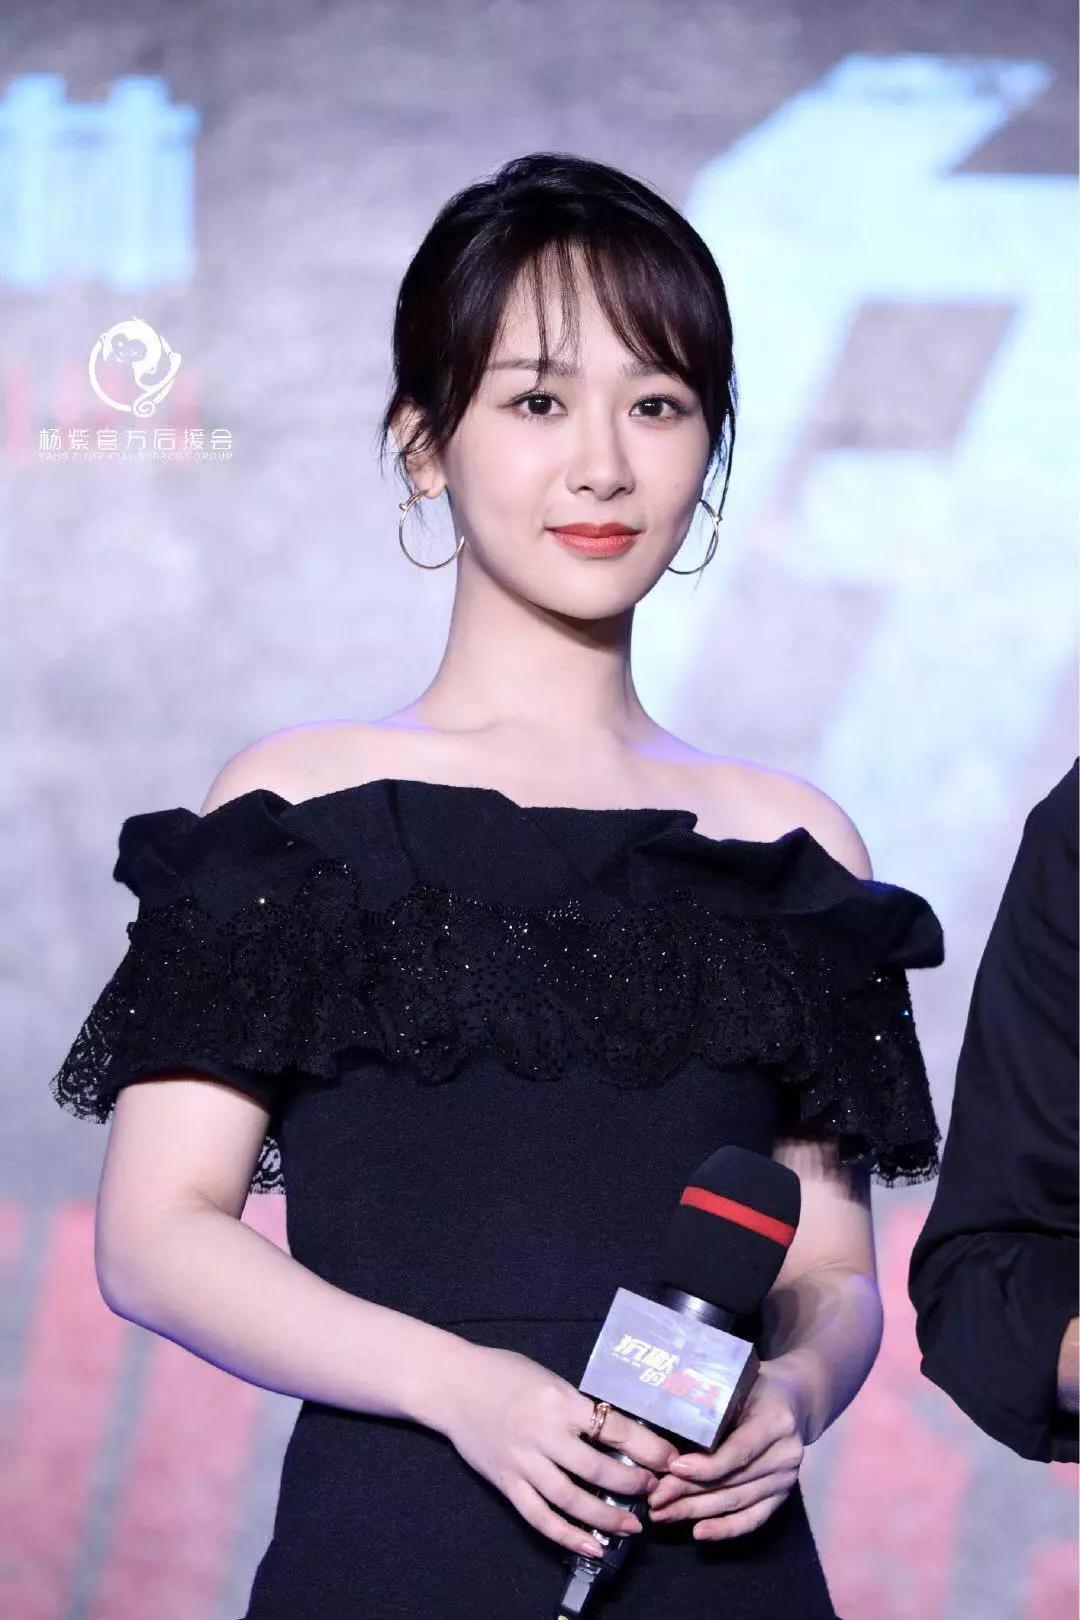 27岁杨紫大换风格,一字肩长裙优雅又气质,西装配马尾太惊艳